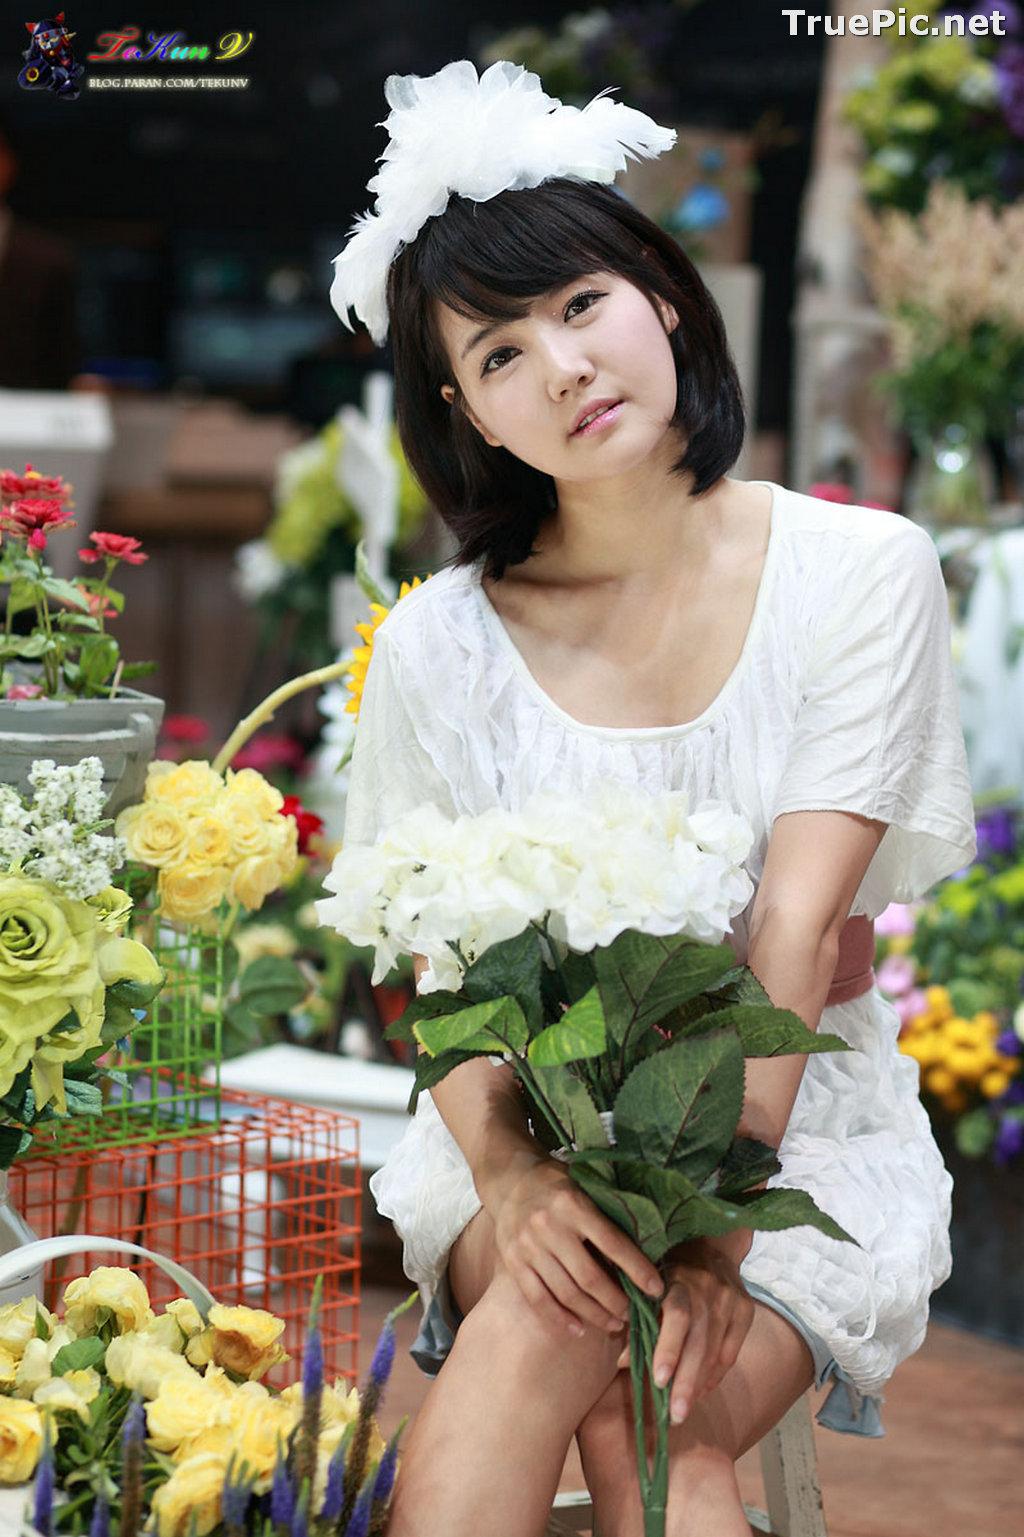 Image Best Beautiful Images Of Korean Racing Queen Han Ga Eun #1 - TruePic.net - Picture-2